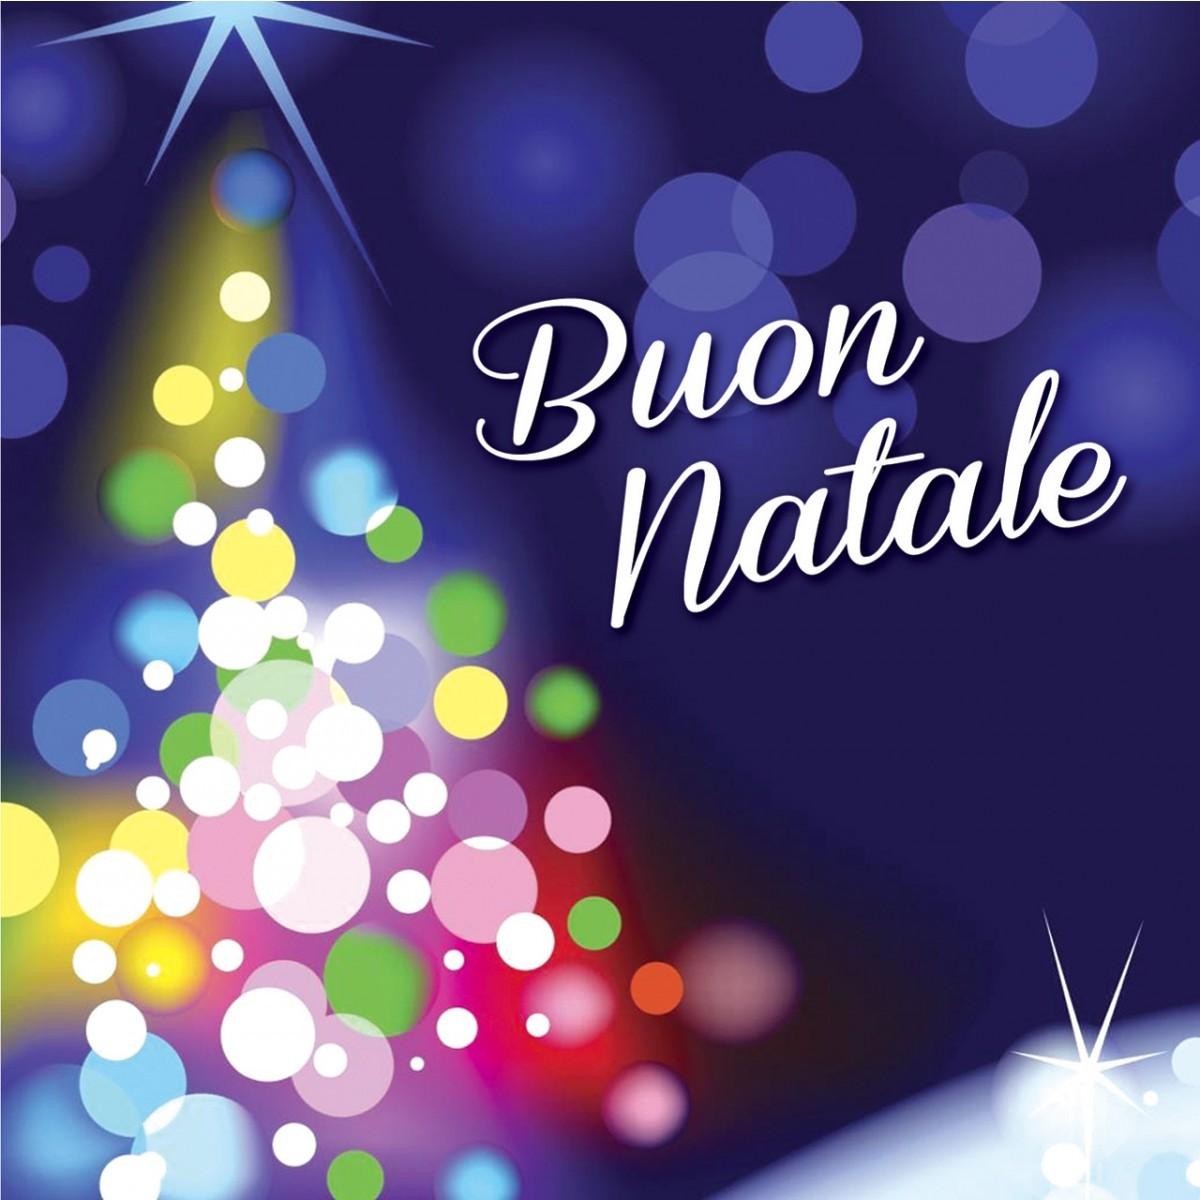 Cari Soci, Buon Natale!